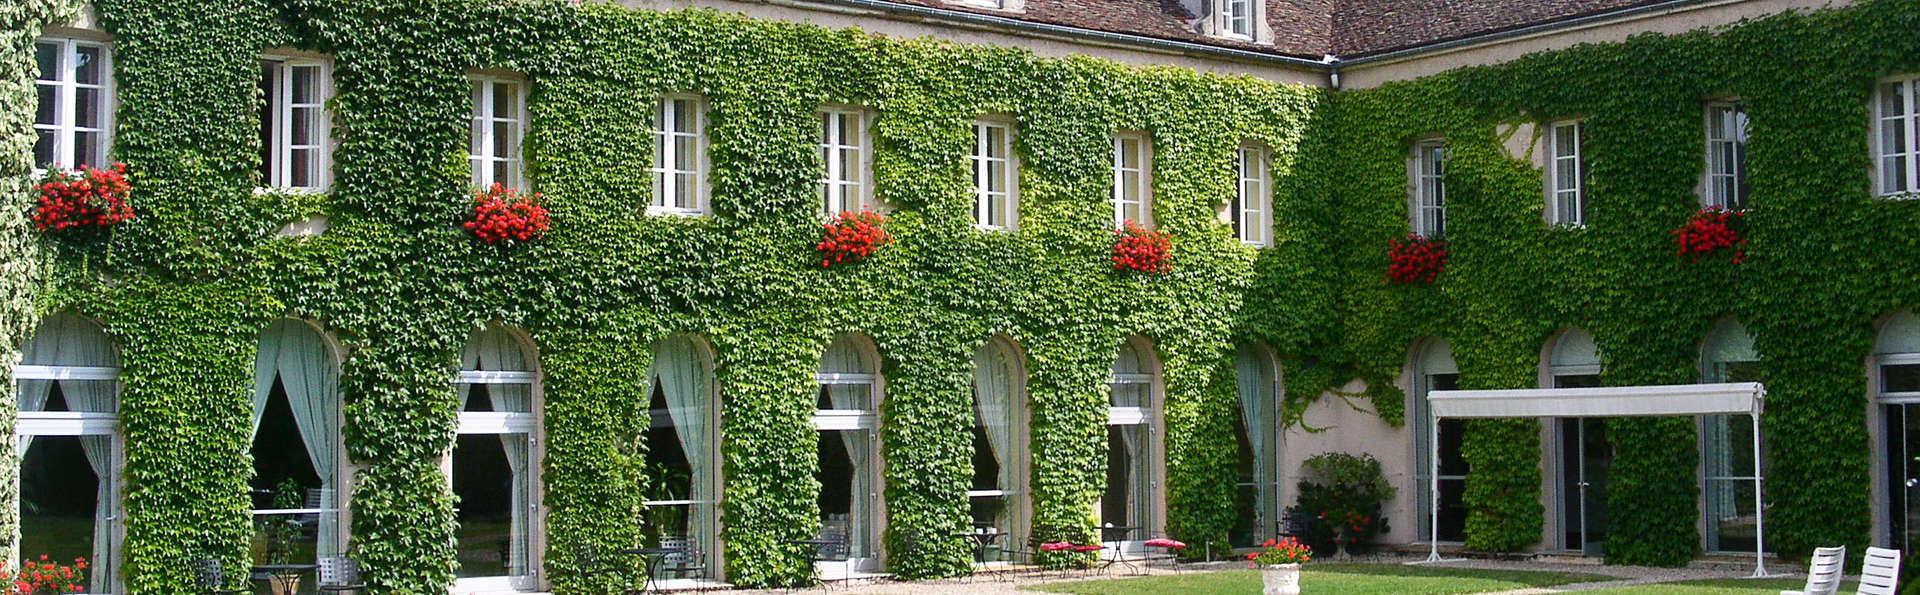 Les Ursulines Hôtel - EDIT_front.jpg